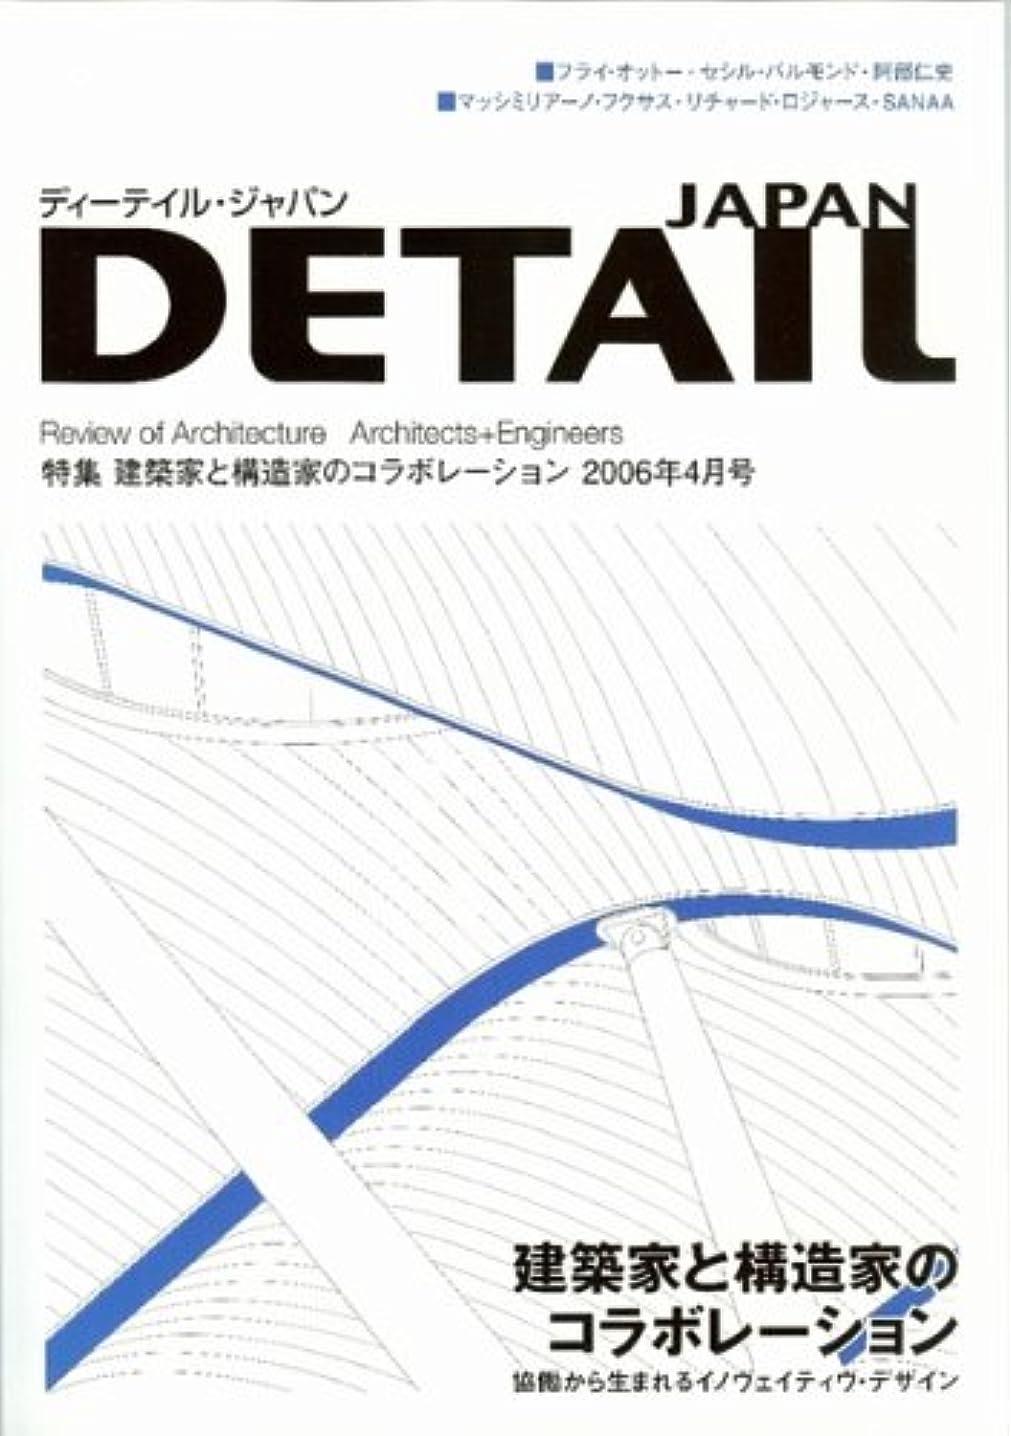 等価ライトニング先史時代のDETAIL JAPAN (ディーテイル ジャパン) 2006年 04月号